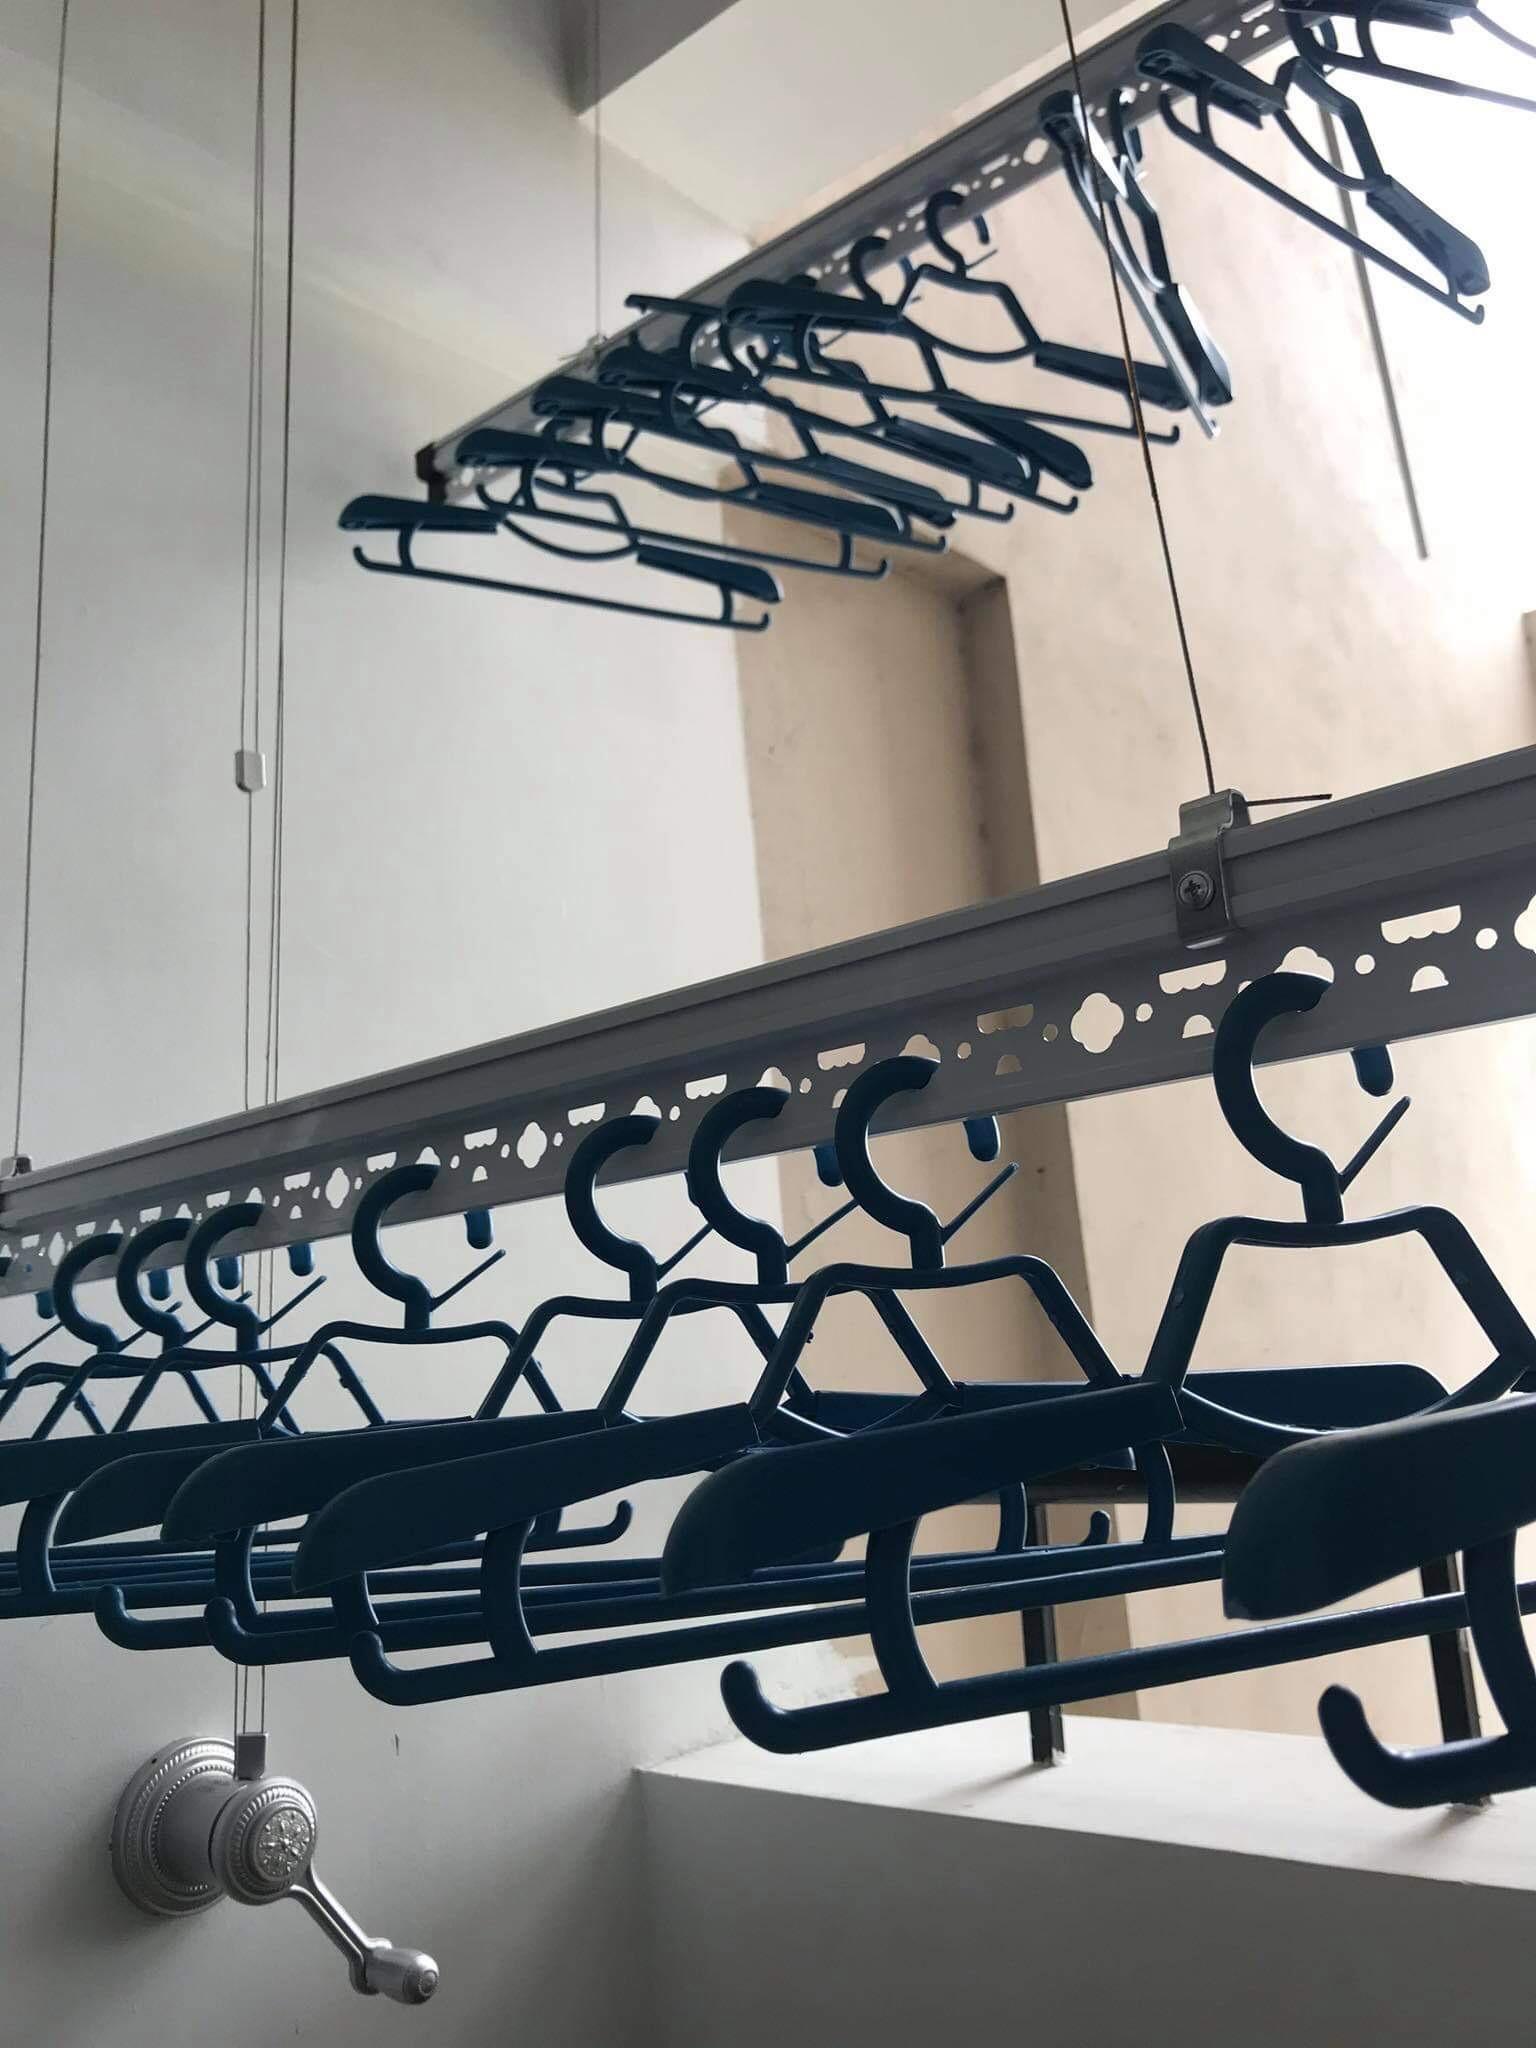 Lắp giàn phơi thông minh tại KĐT Sài Đồng, Long Biên nhà chị Lệ - 04